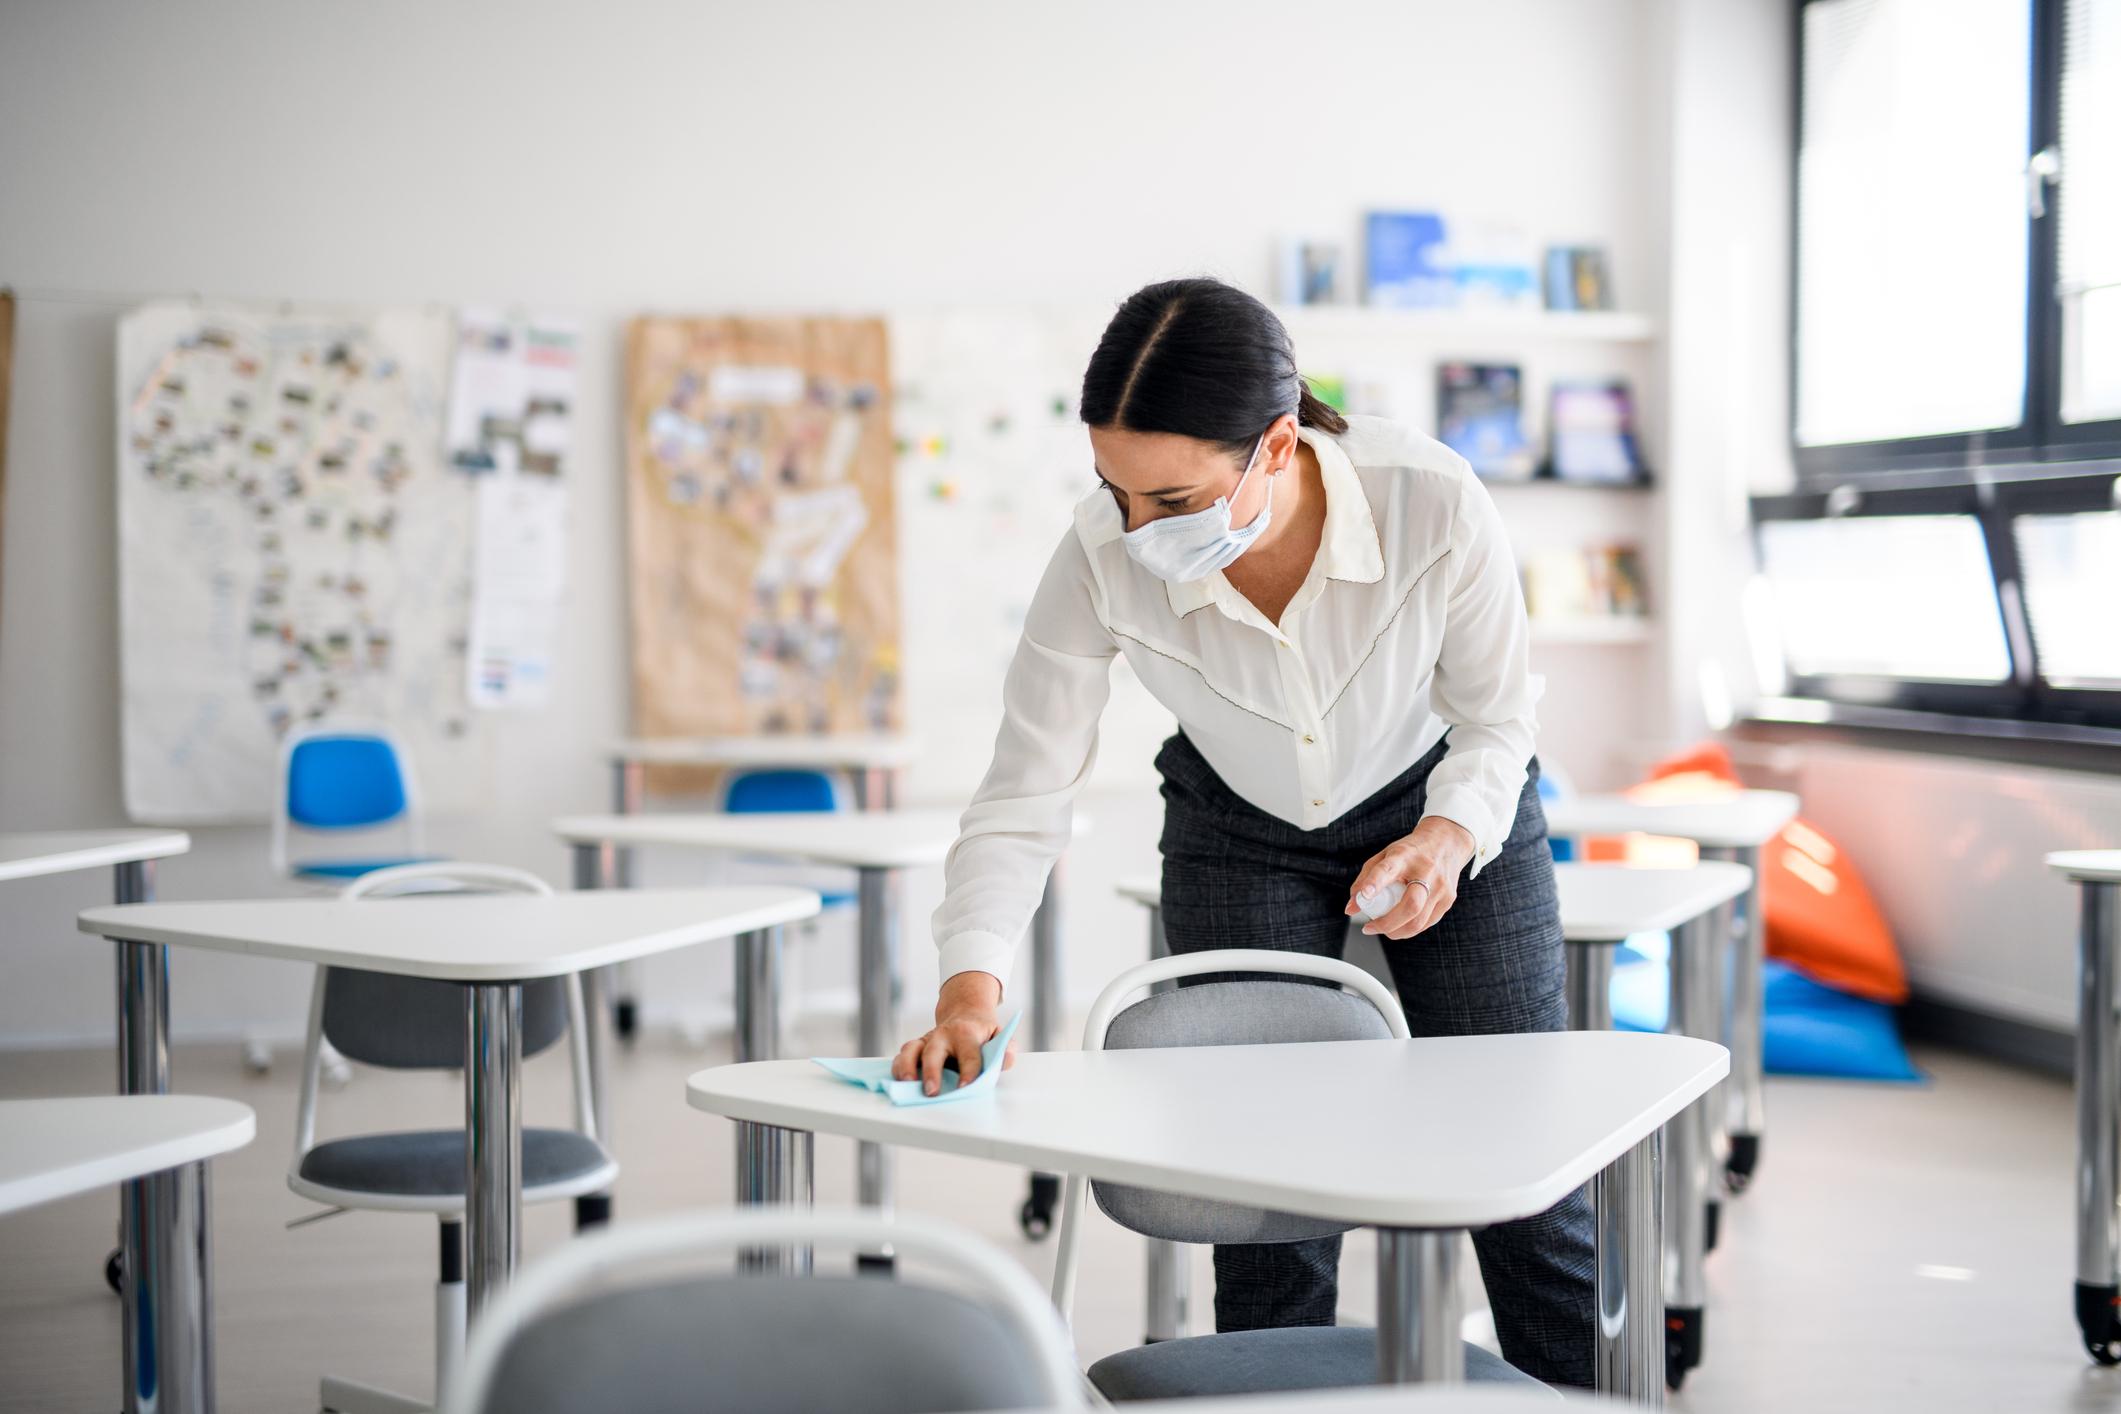 Escolas: a importância da higienização em tempos de pandemia